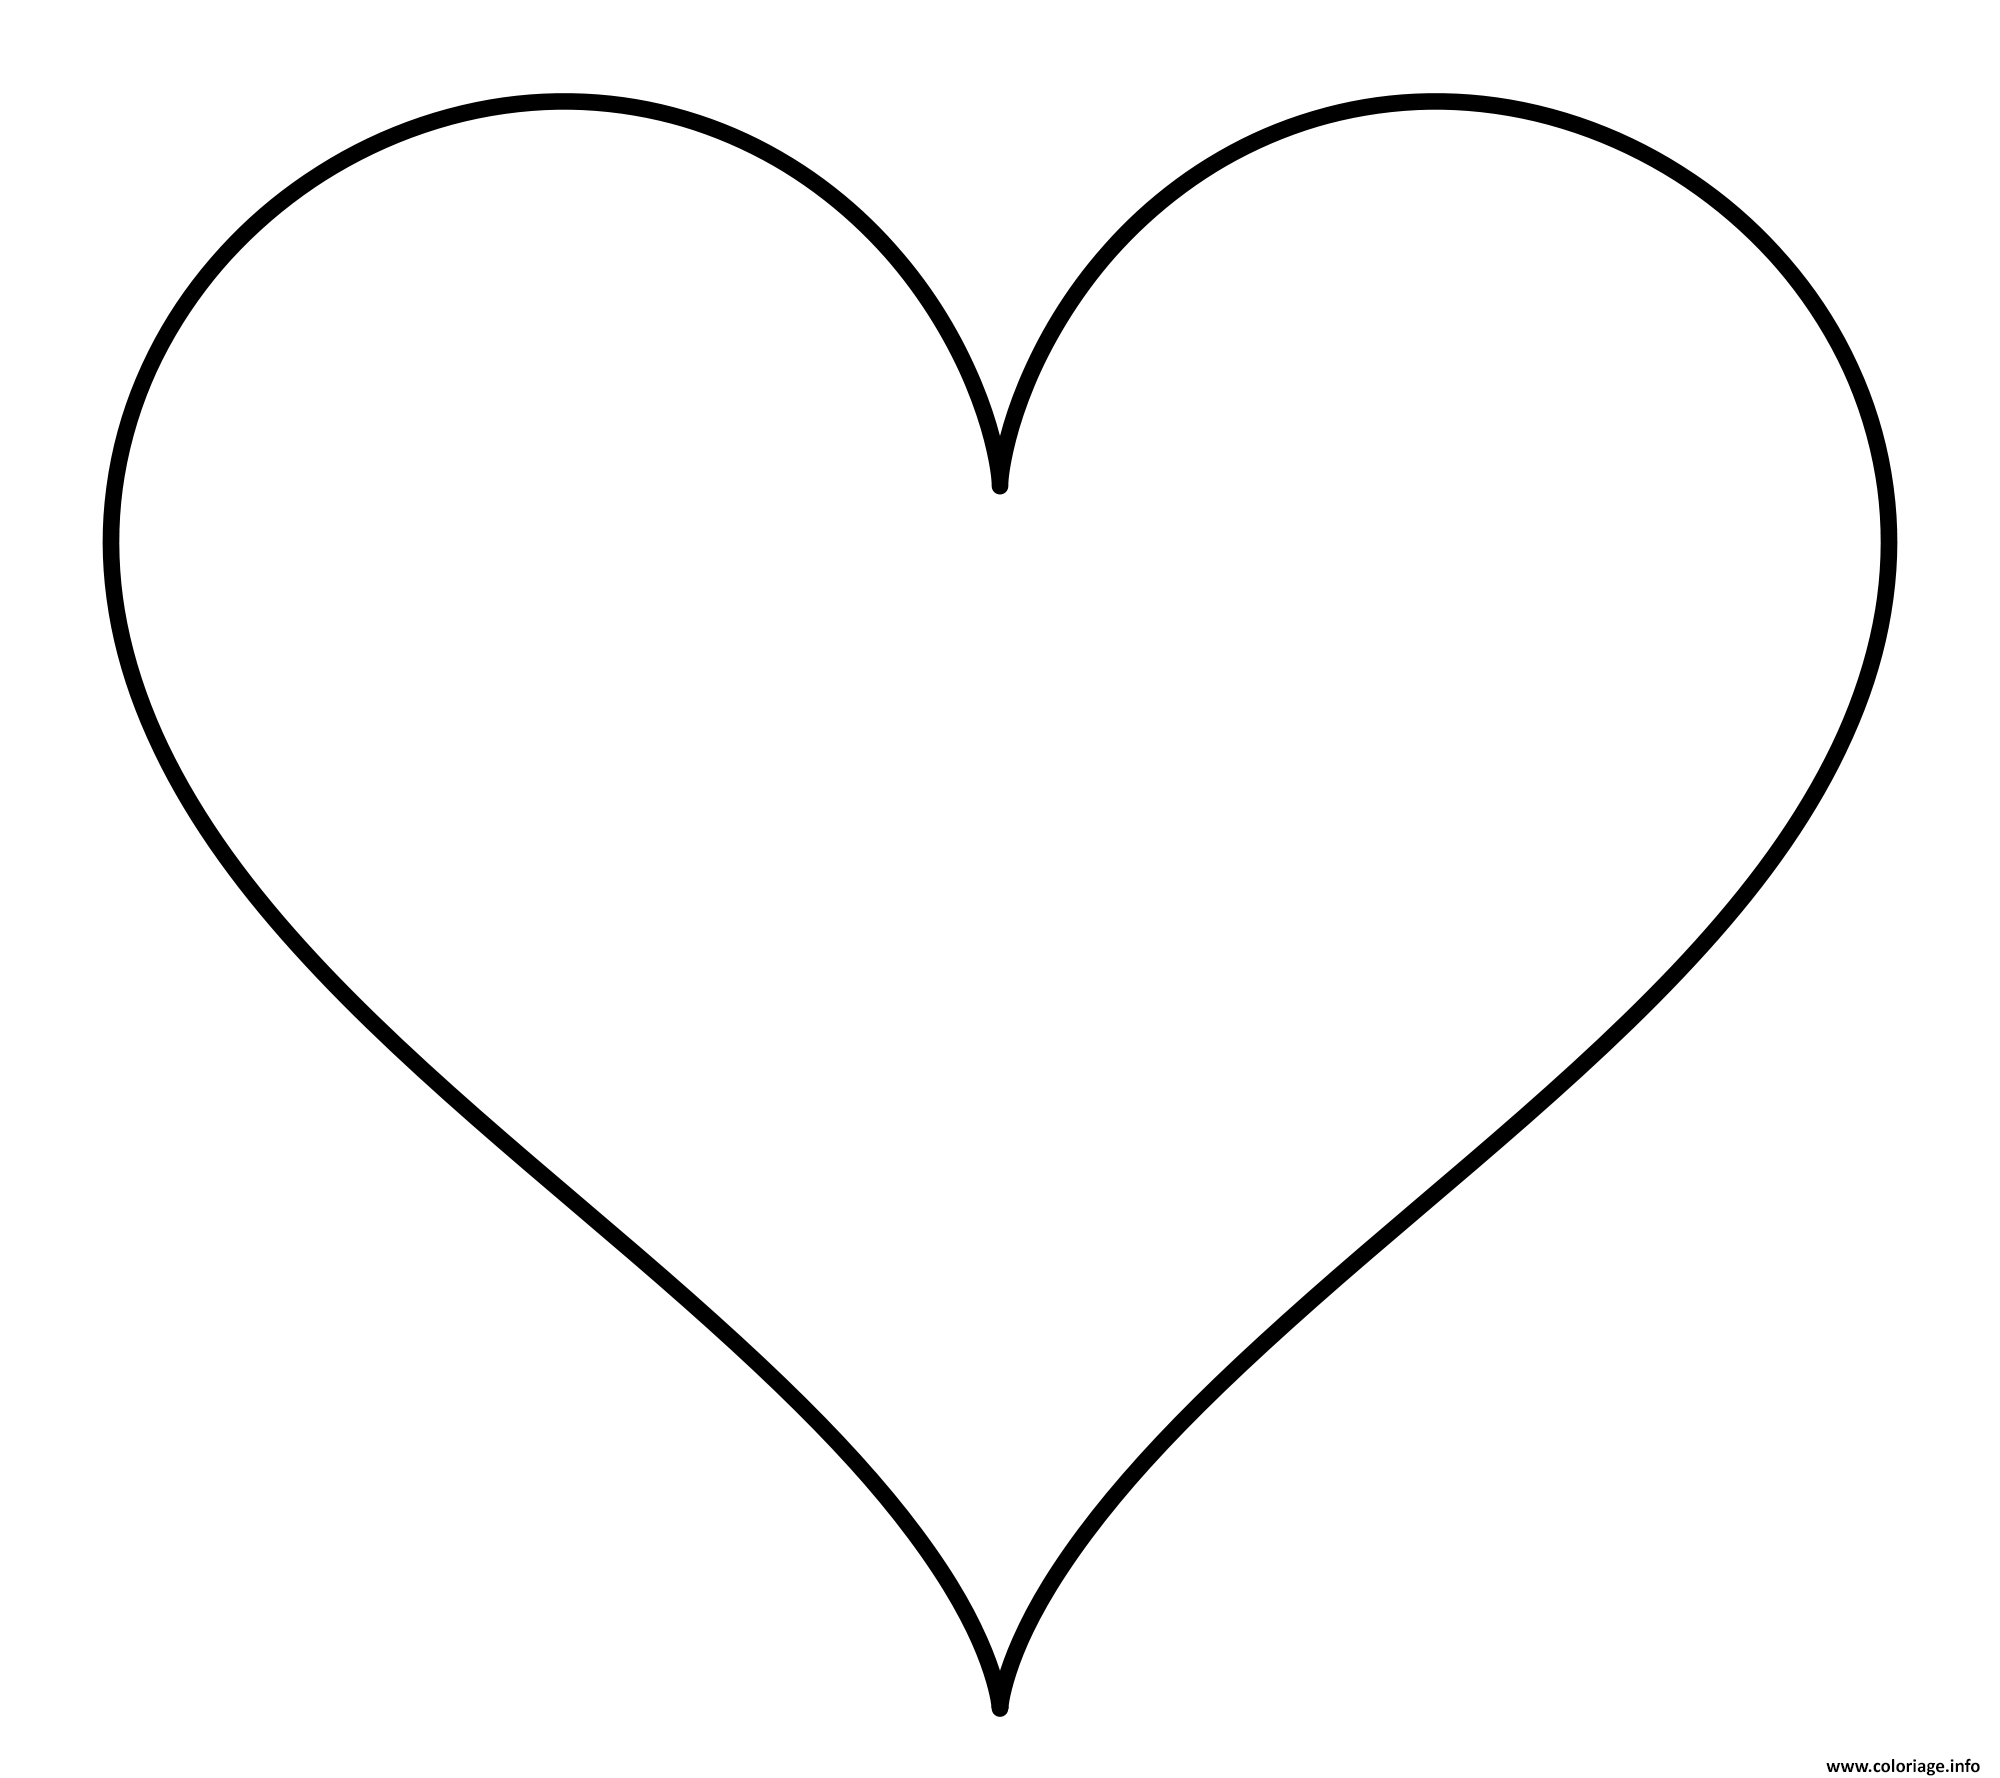 Coloriage Coeur Amour Gratuit.New Coloriage De Coeur D Amour A Imprimer Elegant Coloriage